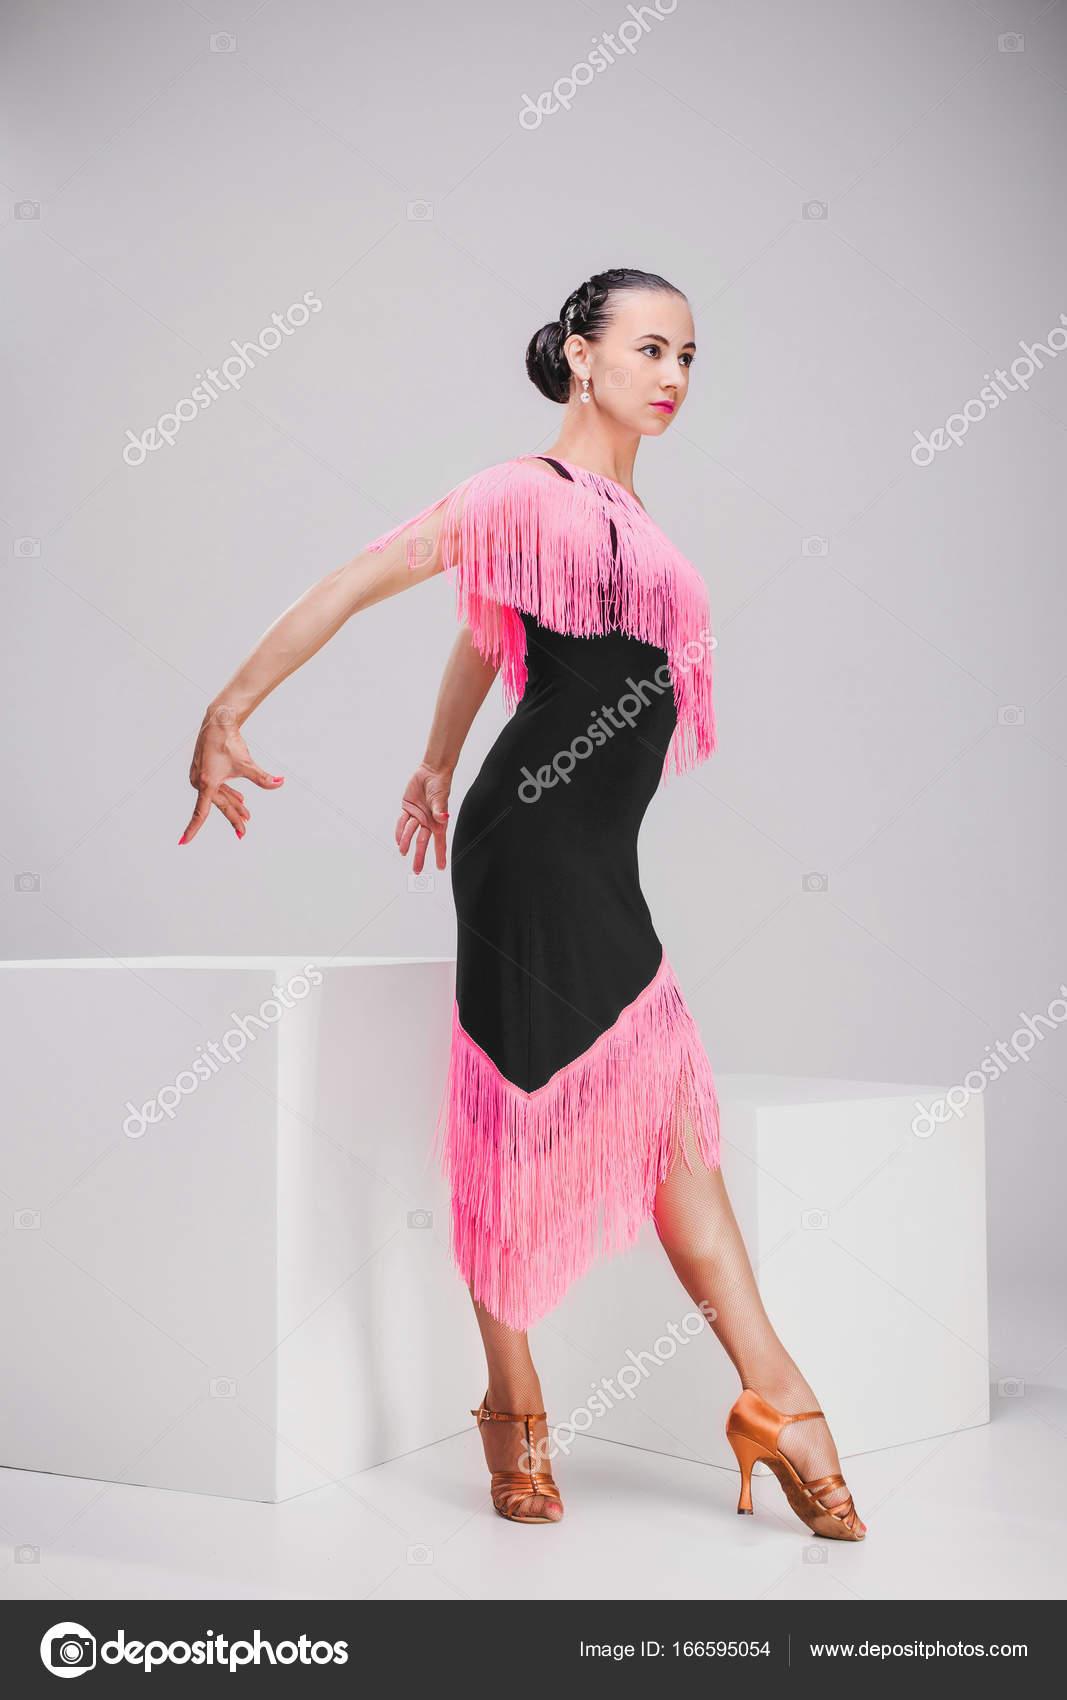 separation shoes 562eb c927e Ragazza in posa in studio bianco del vestito rosa e nero ...